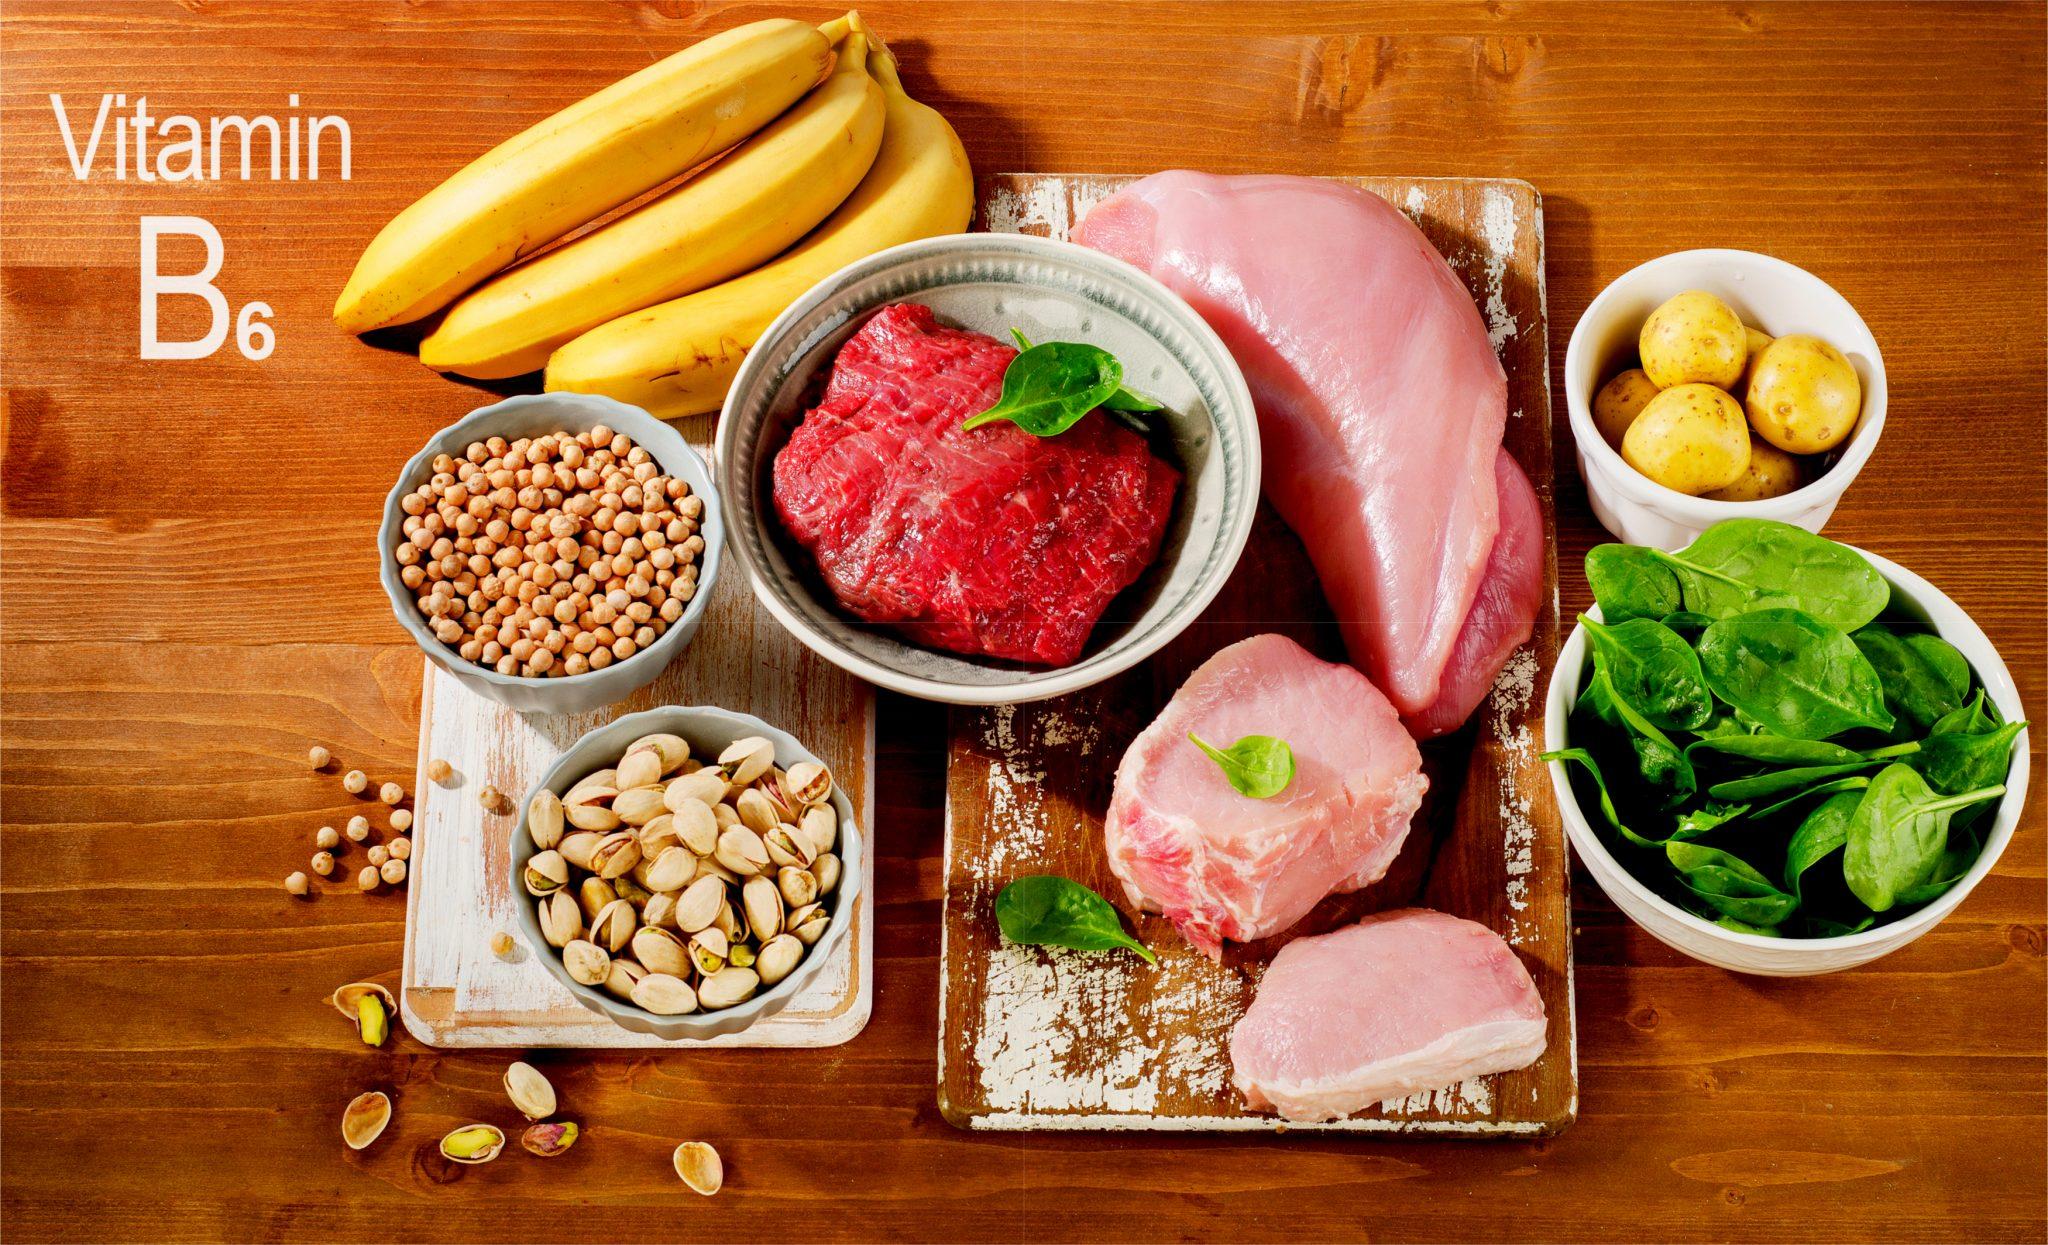 ビタミンB6を多く含む食べ物一覧